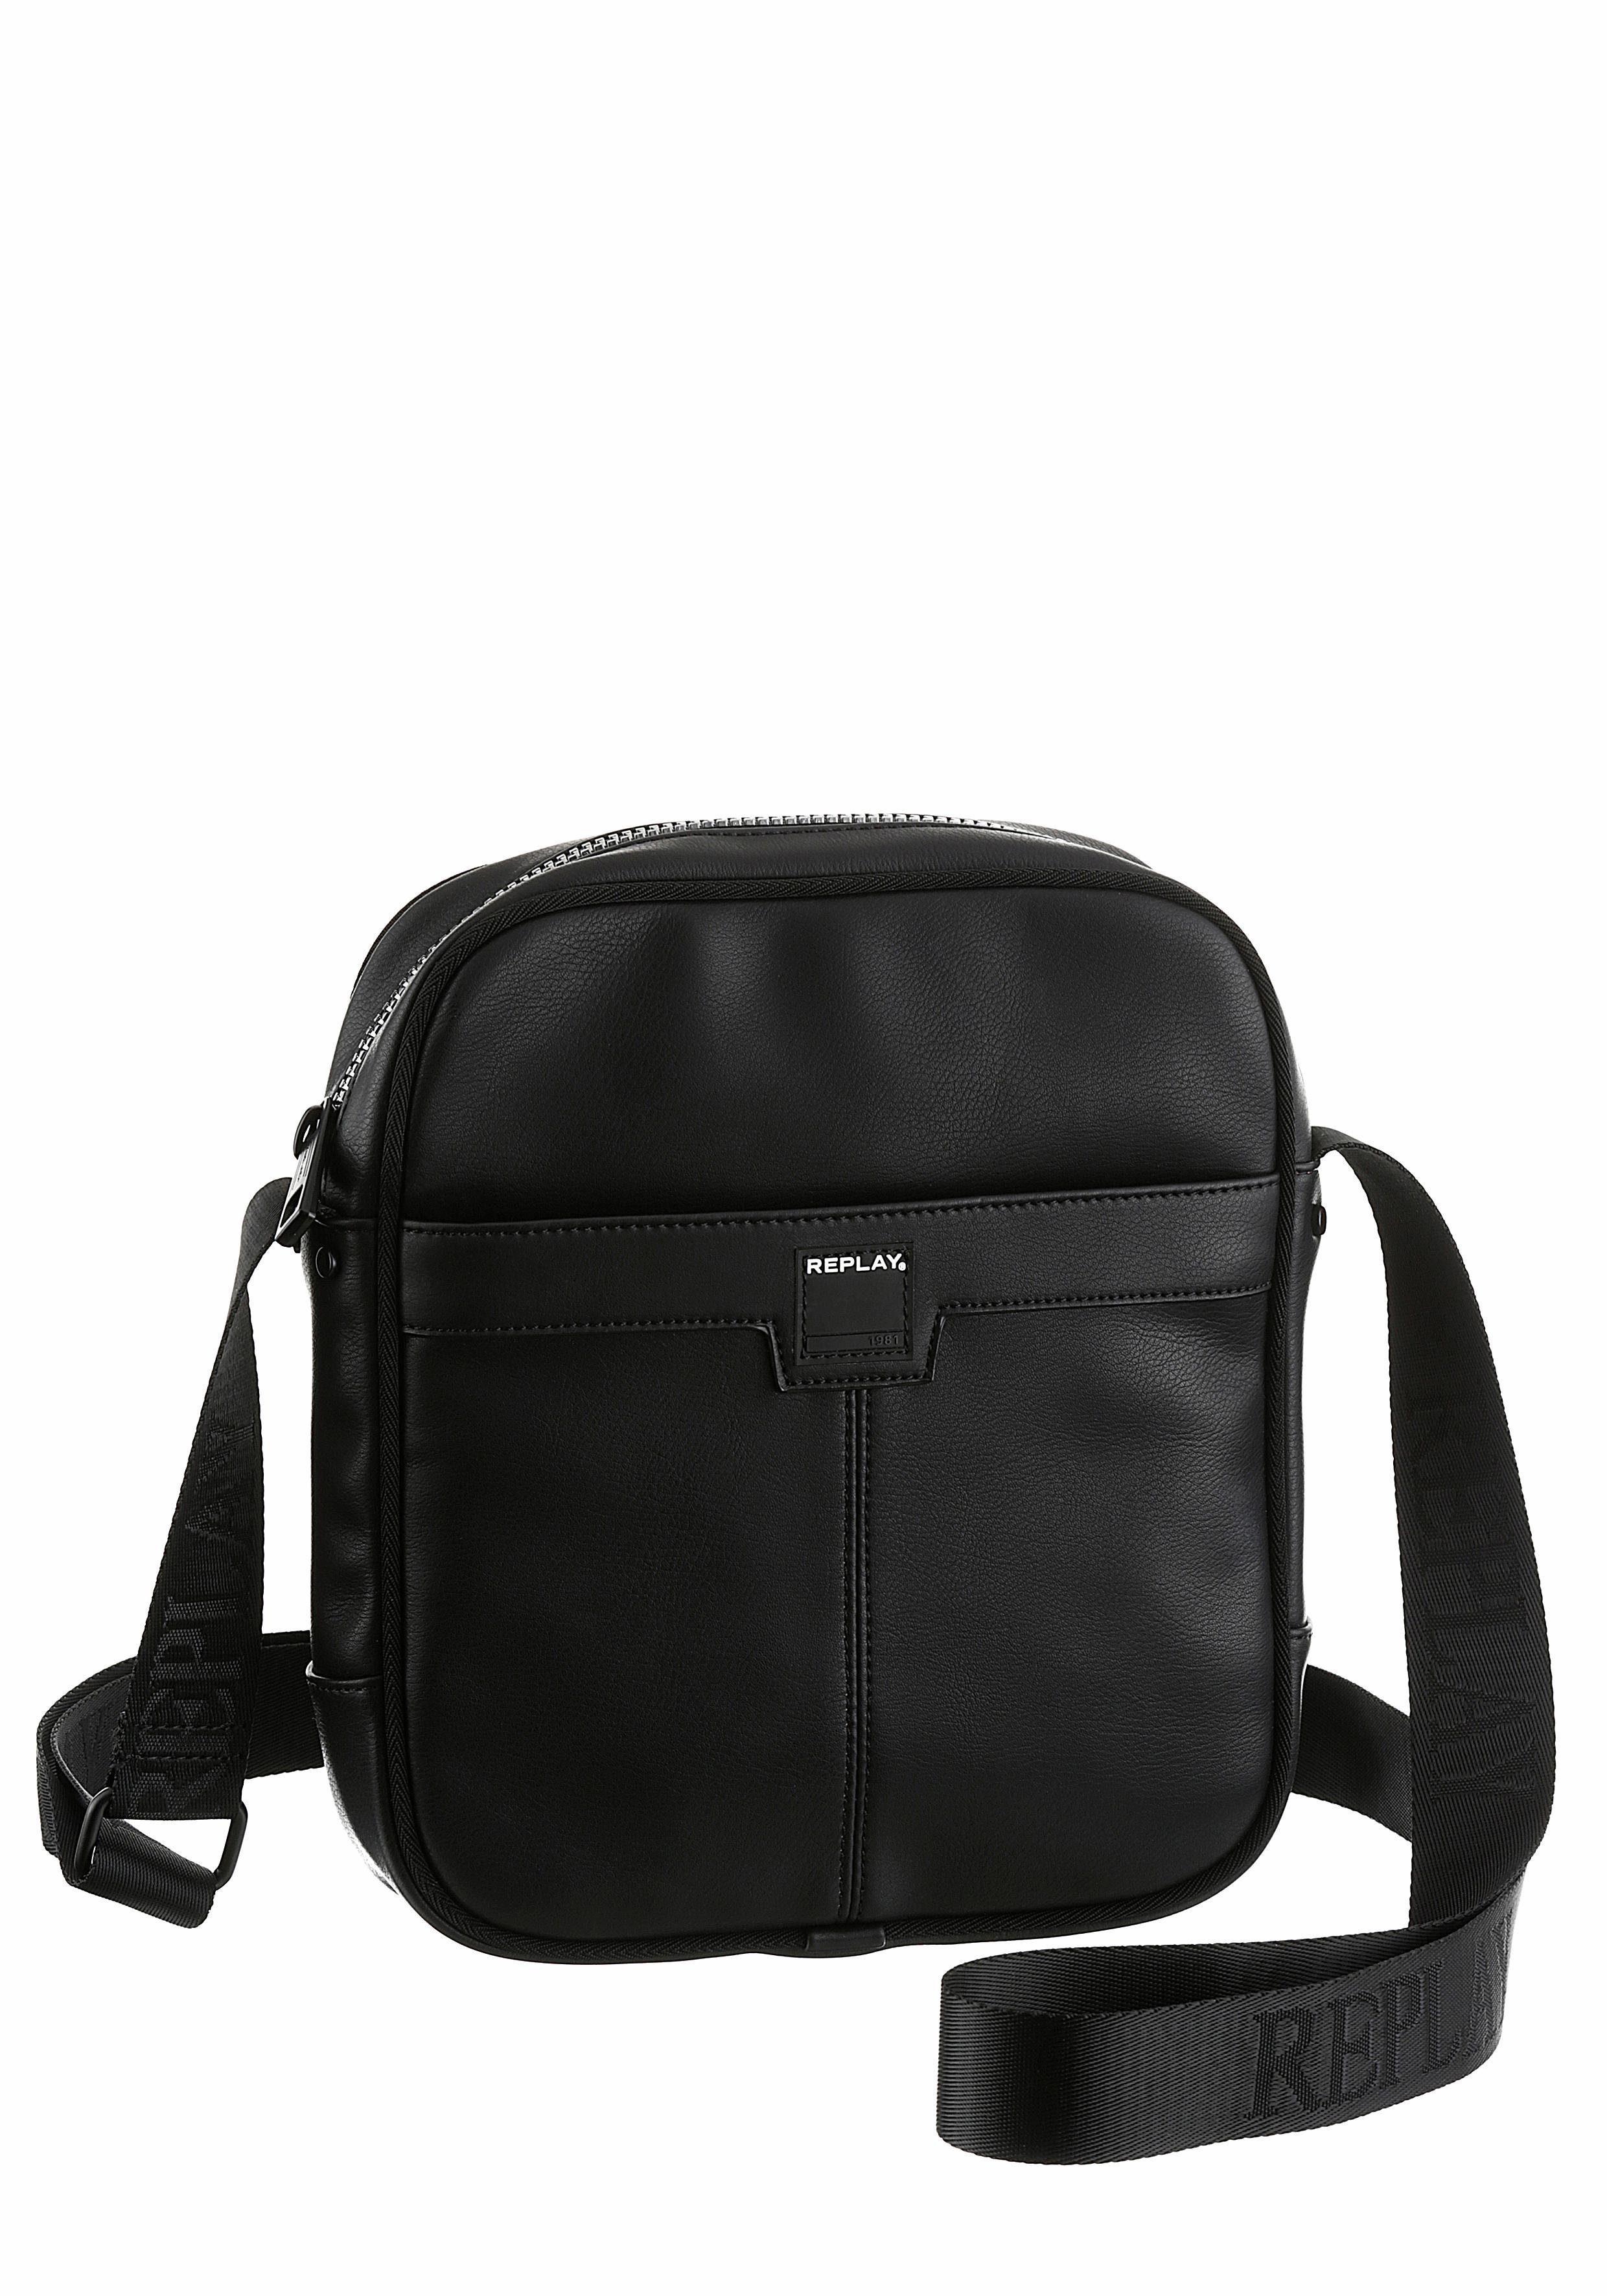 Replay Umhängetasche, praktische Mini Bag